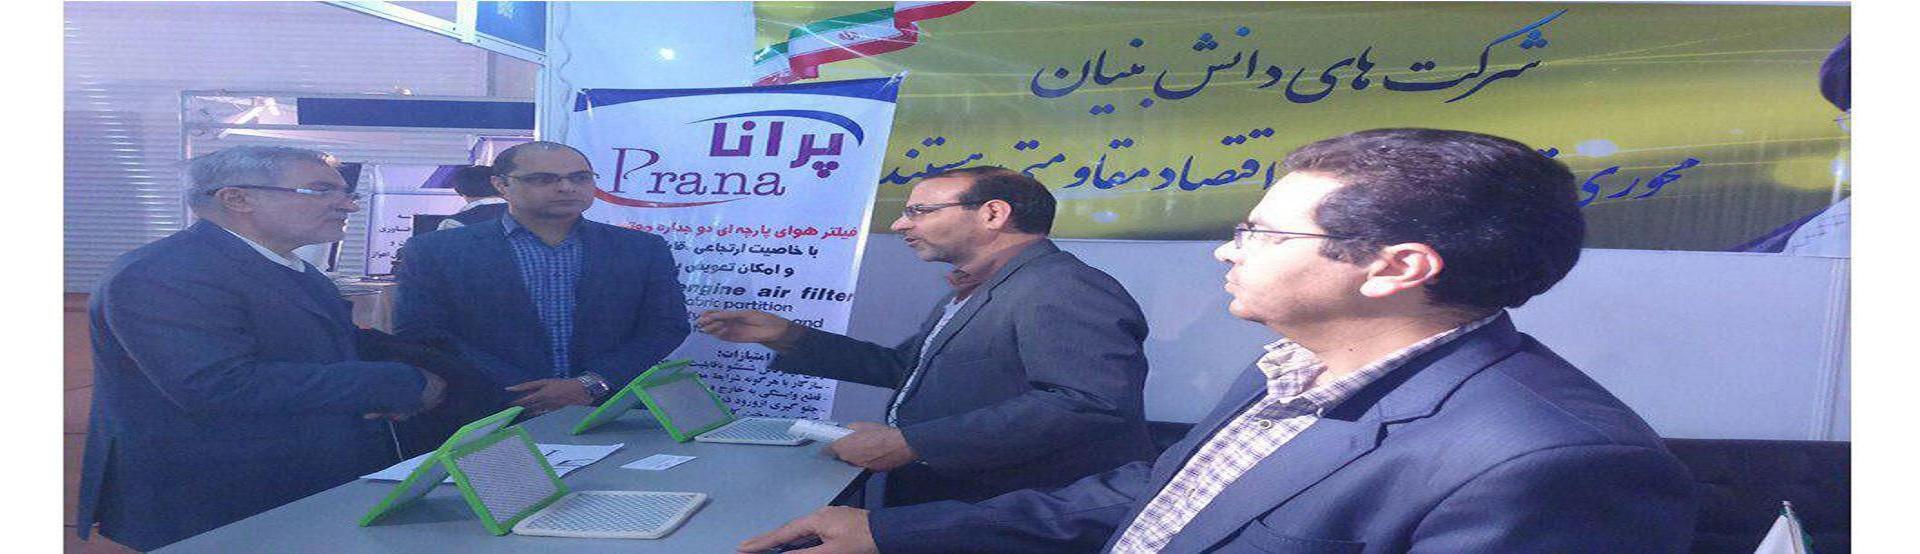 حضور شرکت اطمینان یدک خاوران بشرویه در نمایشگاه هفته پژوهش تهران